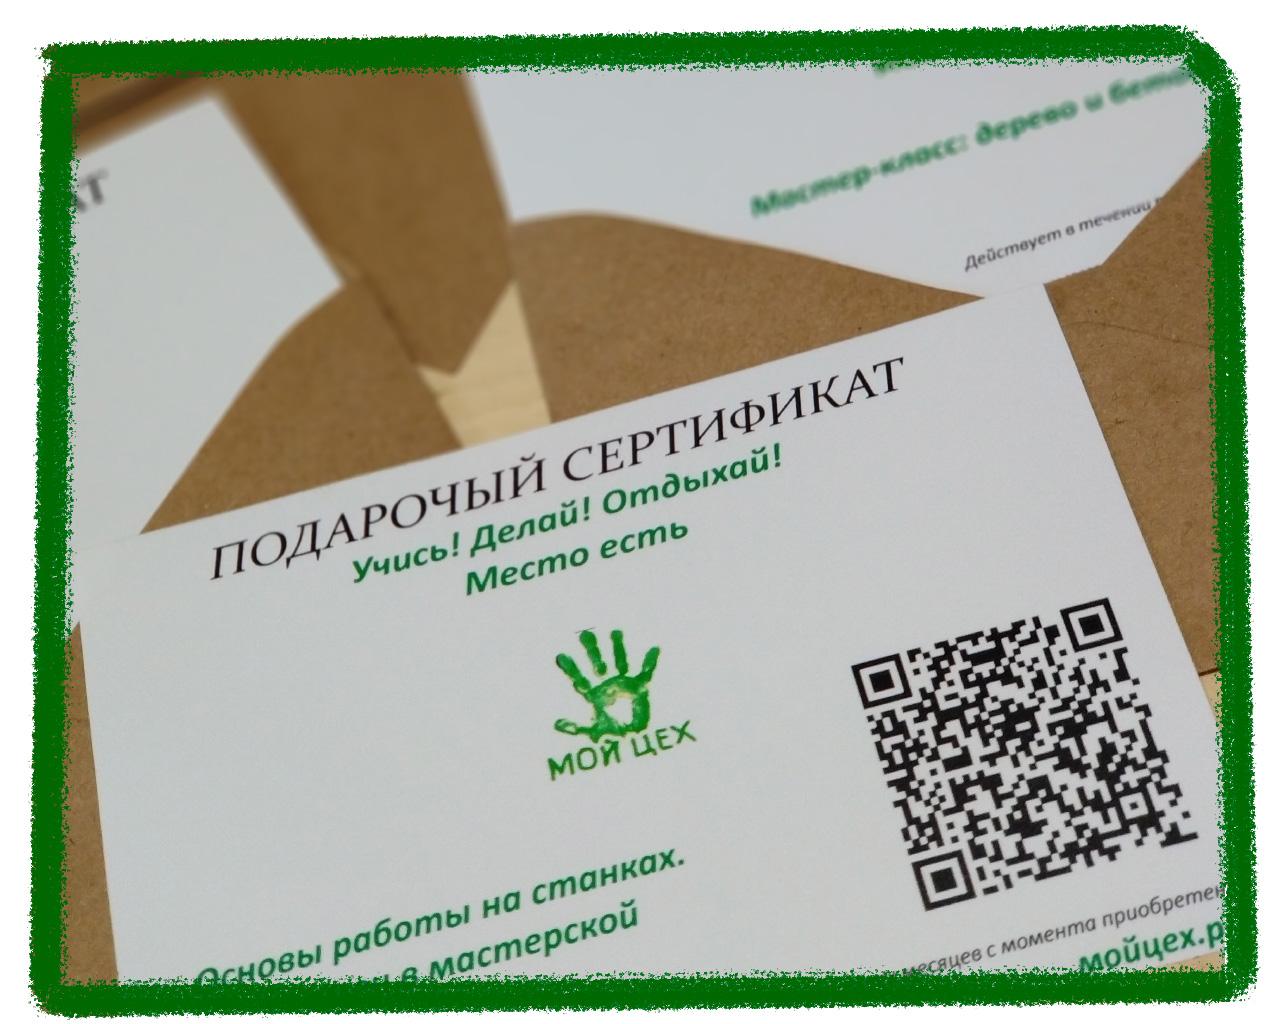 Подарочный сертификат в мастерскую, подарок своими руками, подарок мужчине, мастерская подарок, мастерская в подарок